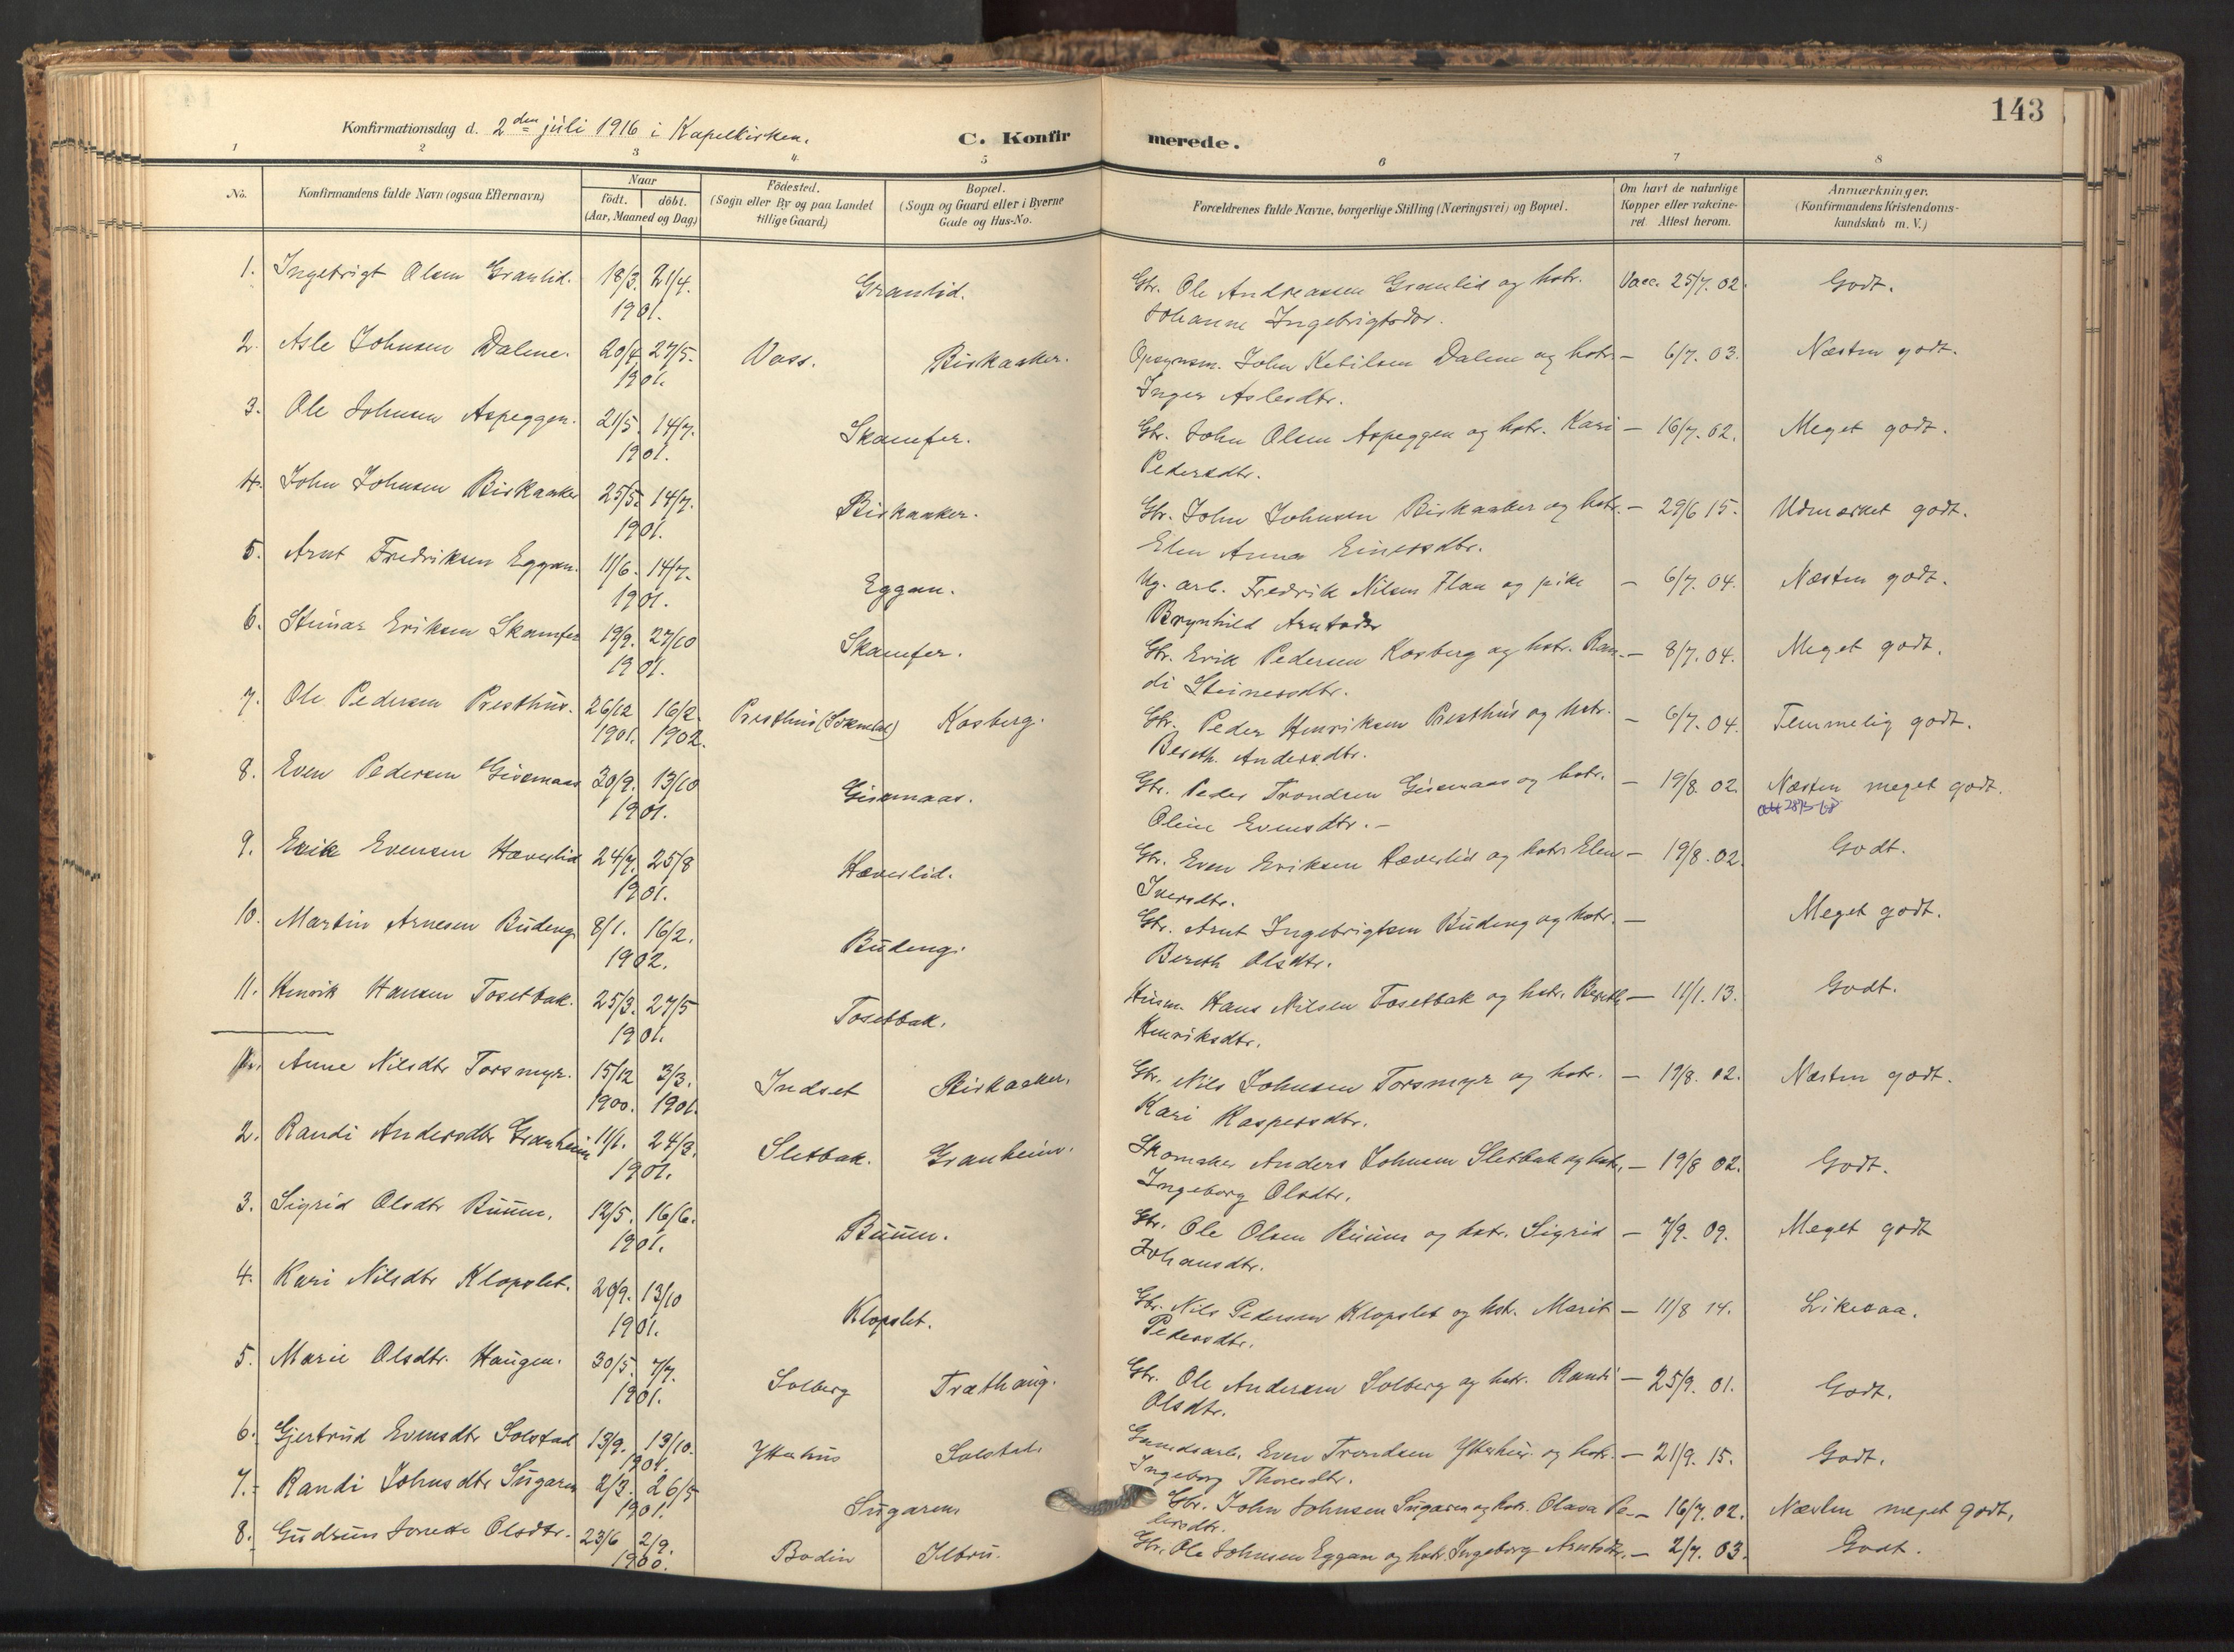 SAT, Ministerialprotokoller, klokkerbøker og fødselsregistre - Sør-Trøndelag, 674/L0873: Ministerialbok nr. 674A05, 1908-1923, s. 143